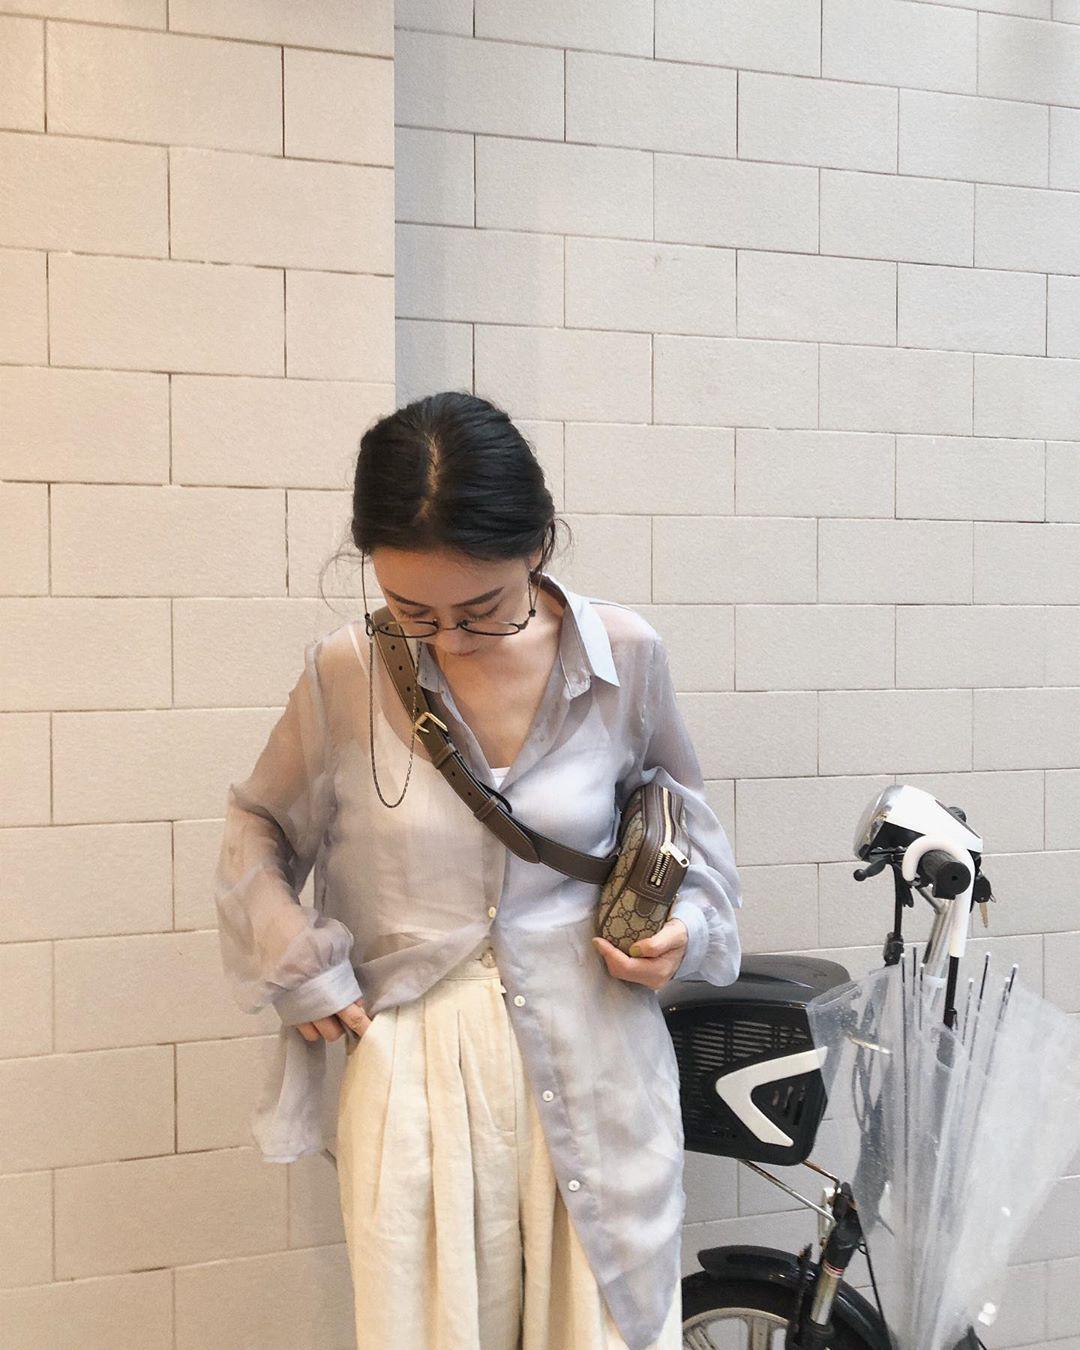 """Mấy nàng sành điệu lại phát minh thêm một kiểu diện áo sơ mi: Mở toang vài cúc dưới để trông thật ăn chơi""""-4"""